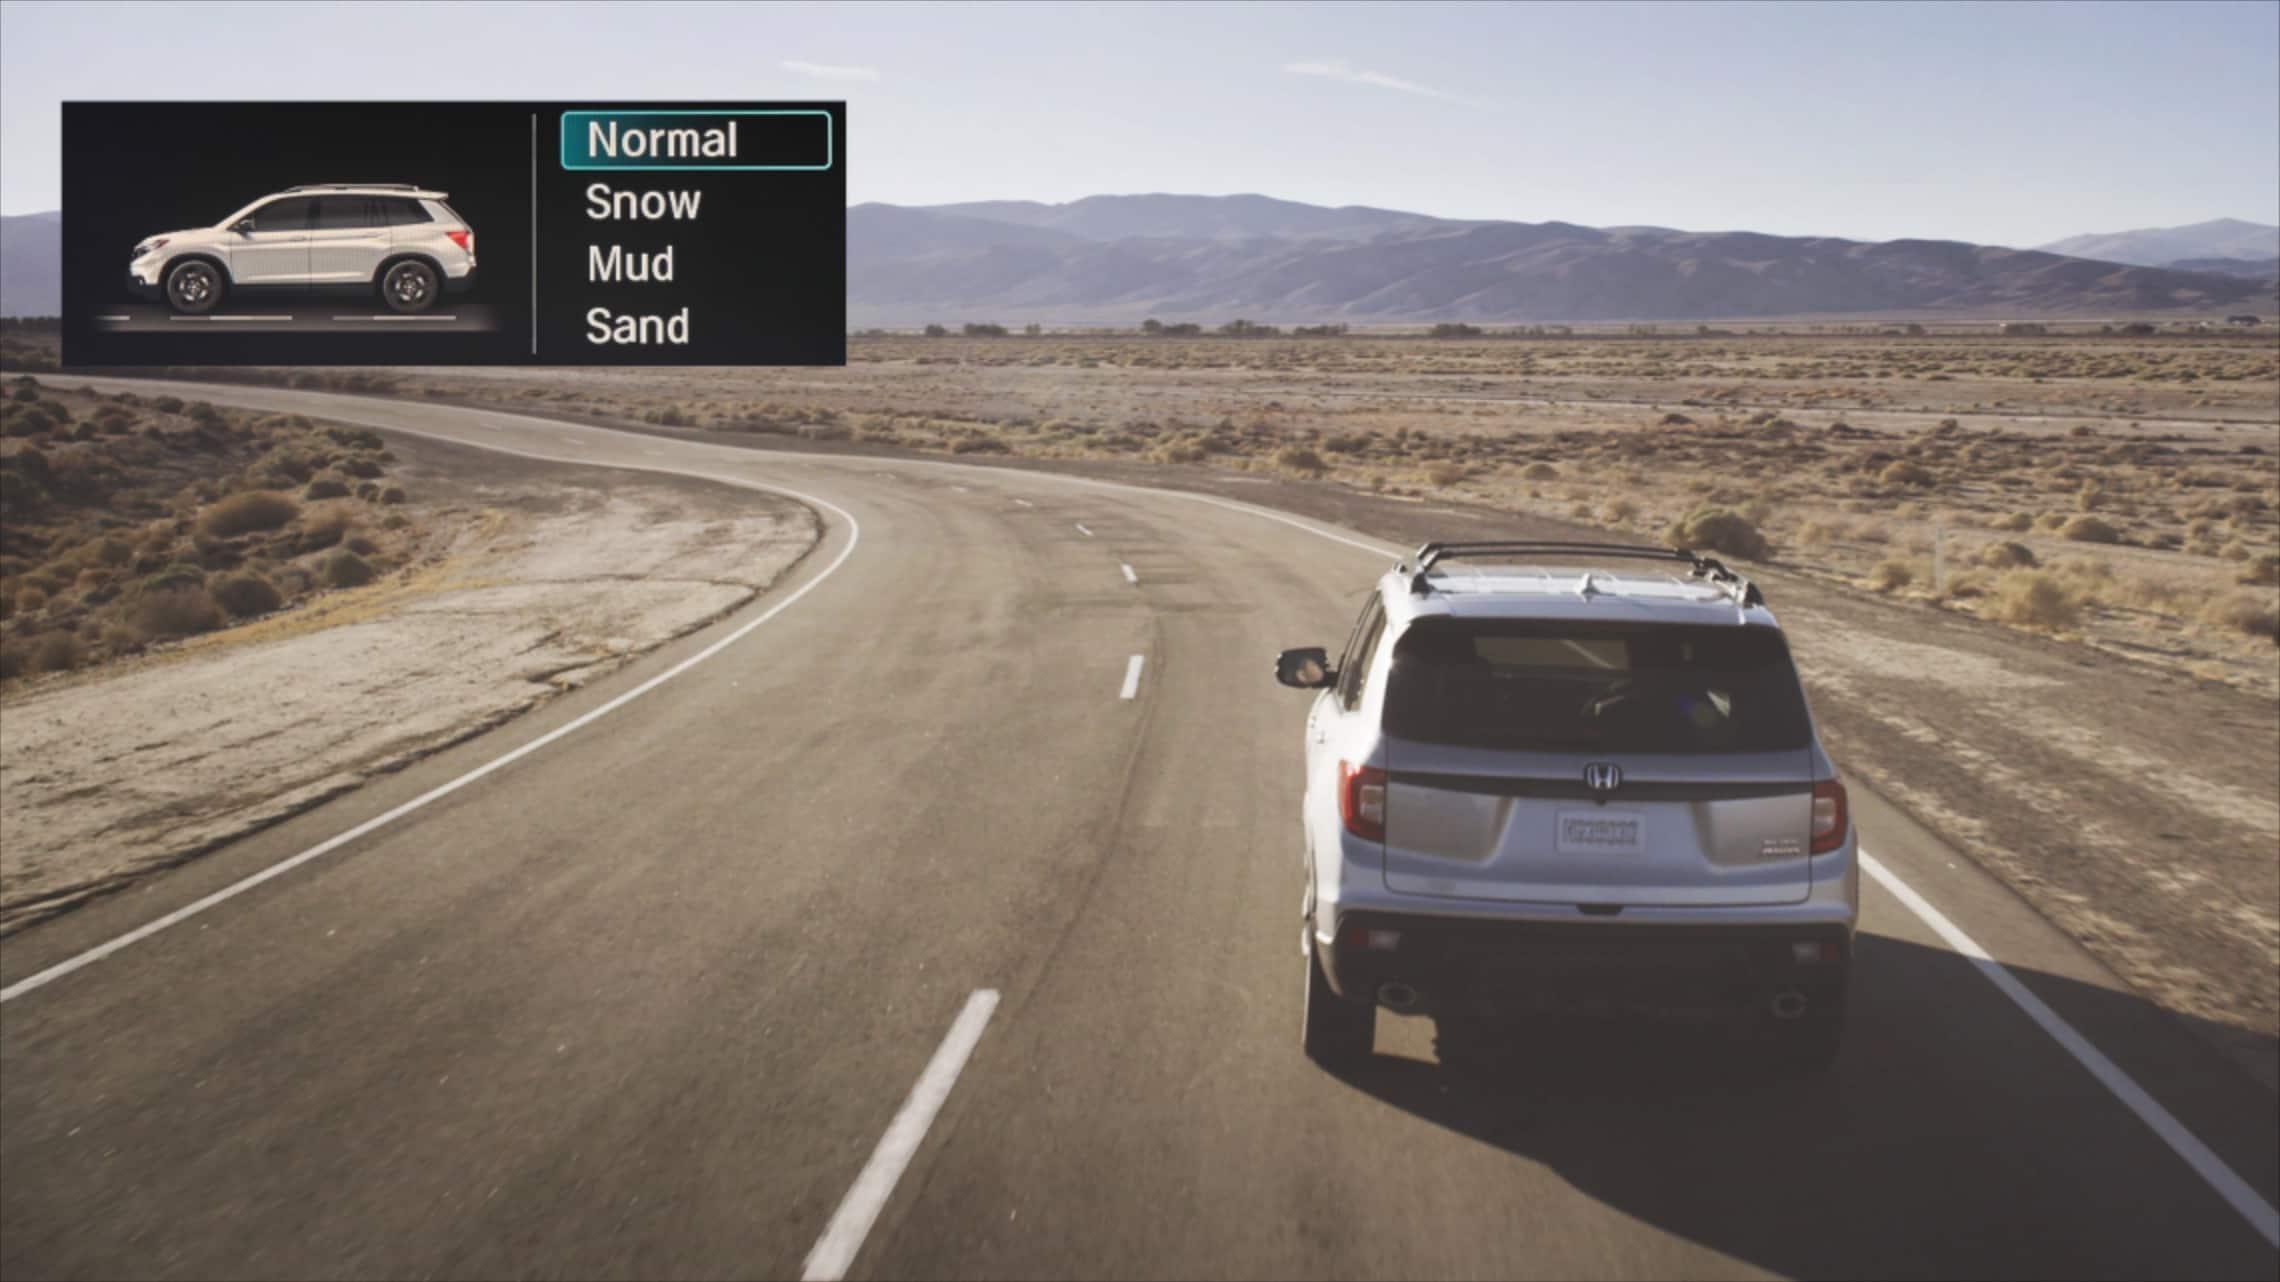 Animación de la HondaPassportElite2020 con tracción integral conduciendo en diversas condiciones del camino, con recuadro de las correspondientes pantallas del control de tracción inteligente.